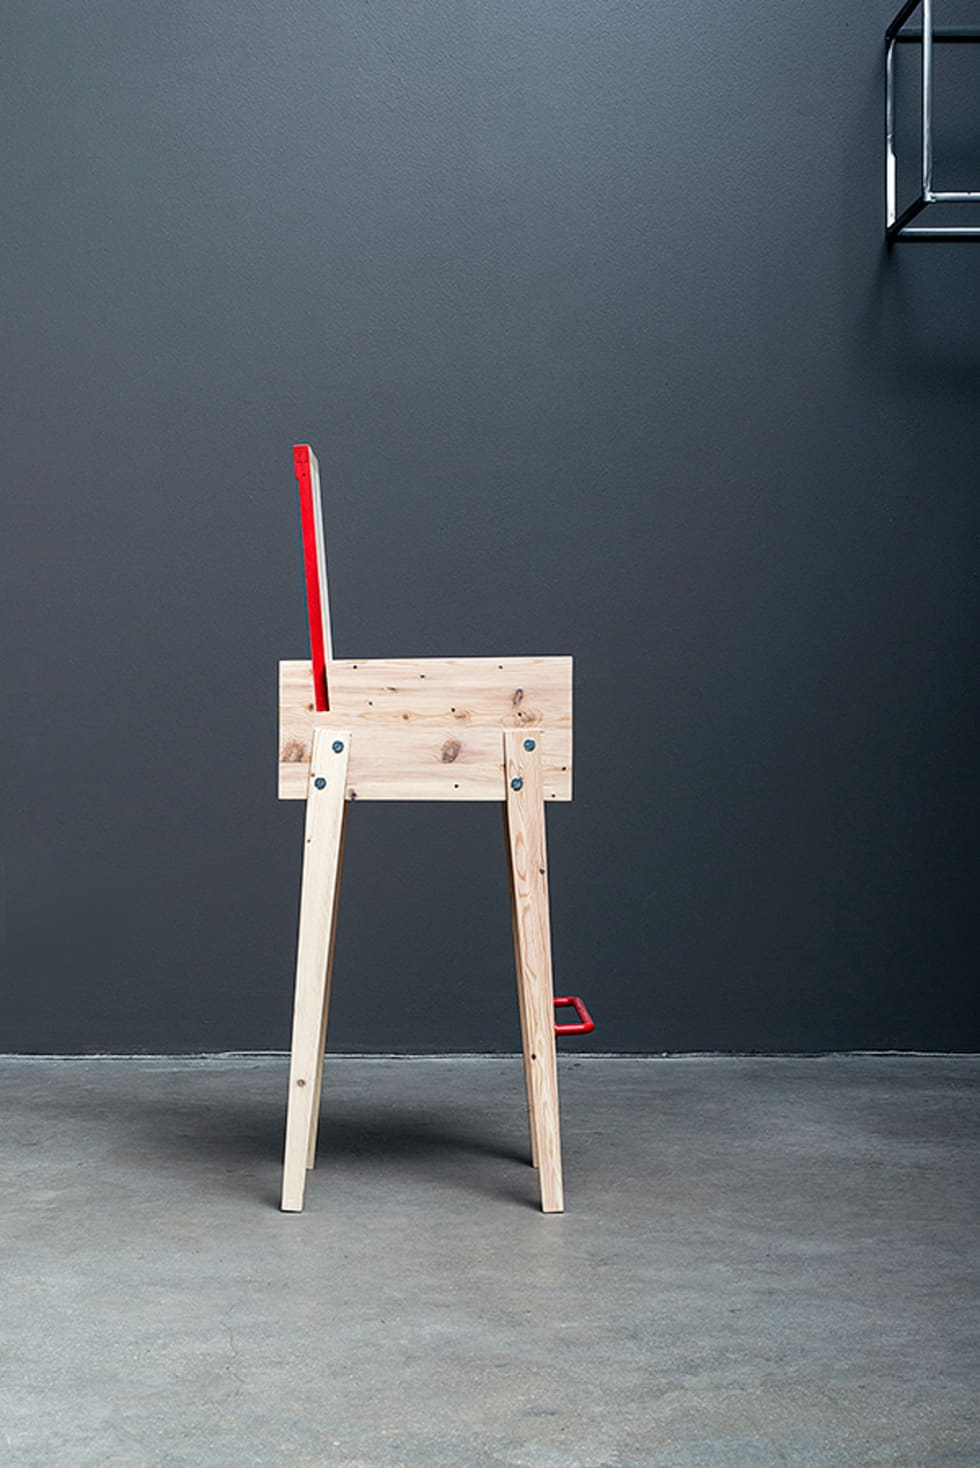 skandinavische k che bilder barhocker skyscraper upcycling m bel homify. Black Bedroom Furniture Sets. Home Design Ideas